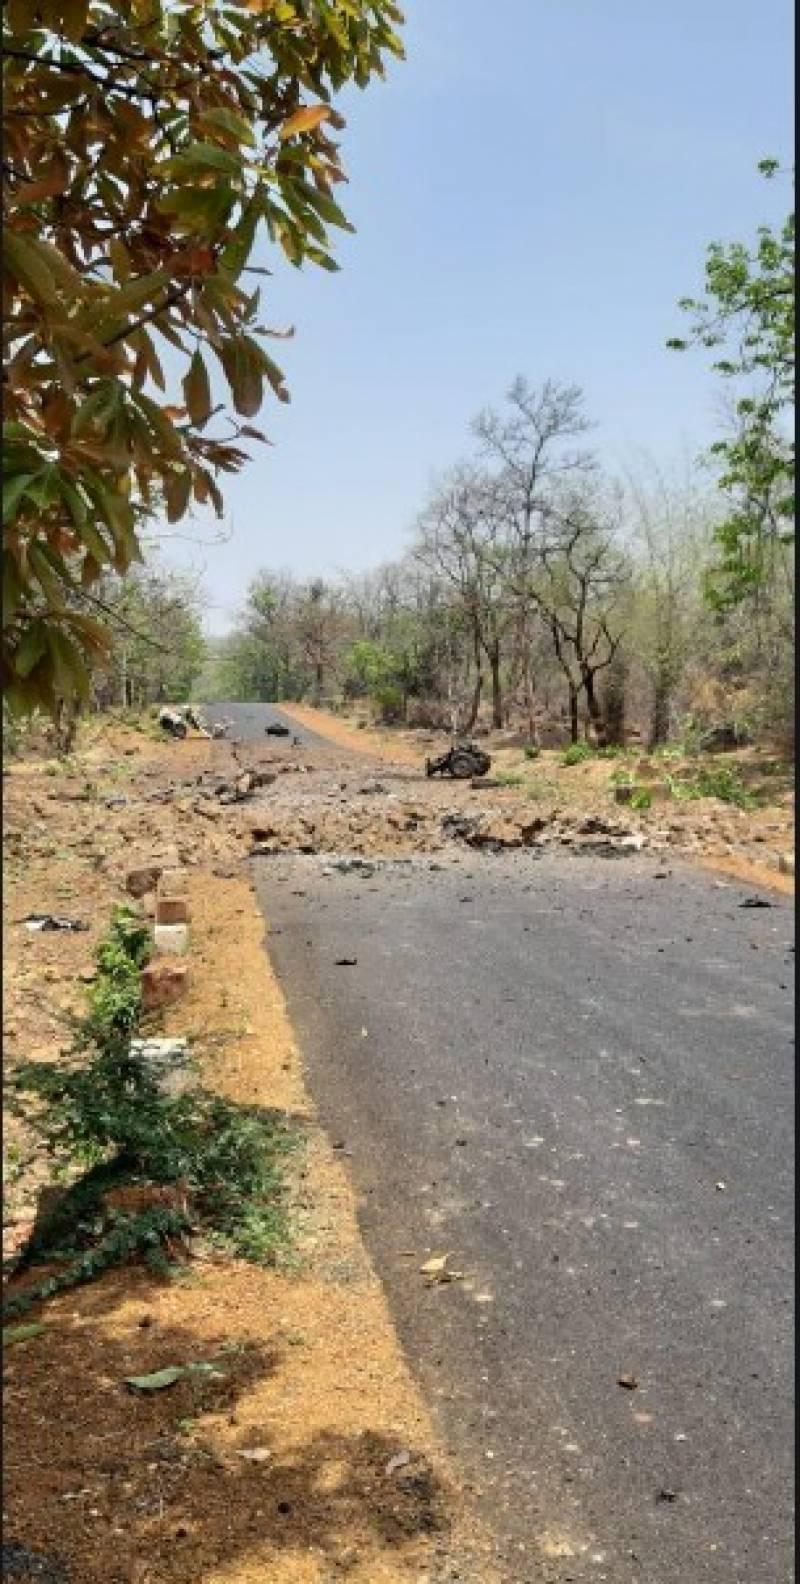 بھارت:مہاراشٹرامیں بھارتی فورسزکی گاڑی پرحملہ، 15 بھارتی کمانڈوز ہلاک:بھارتی میڈیا